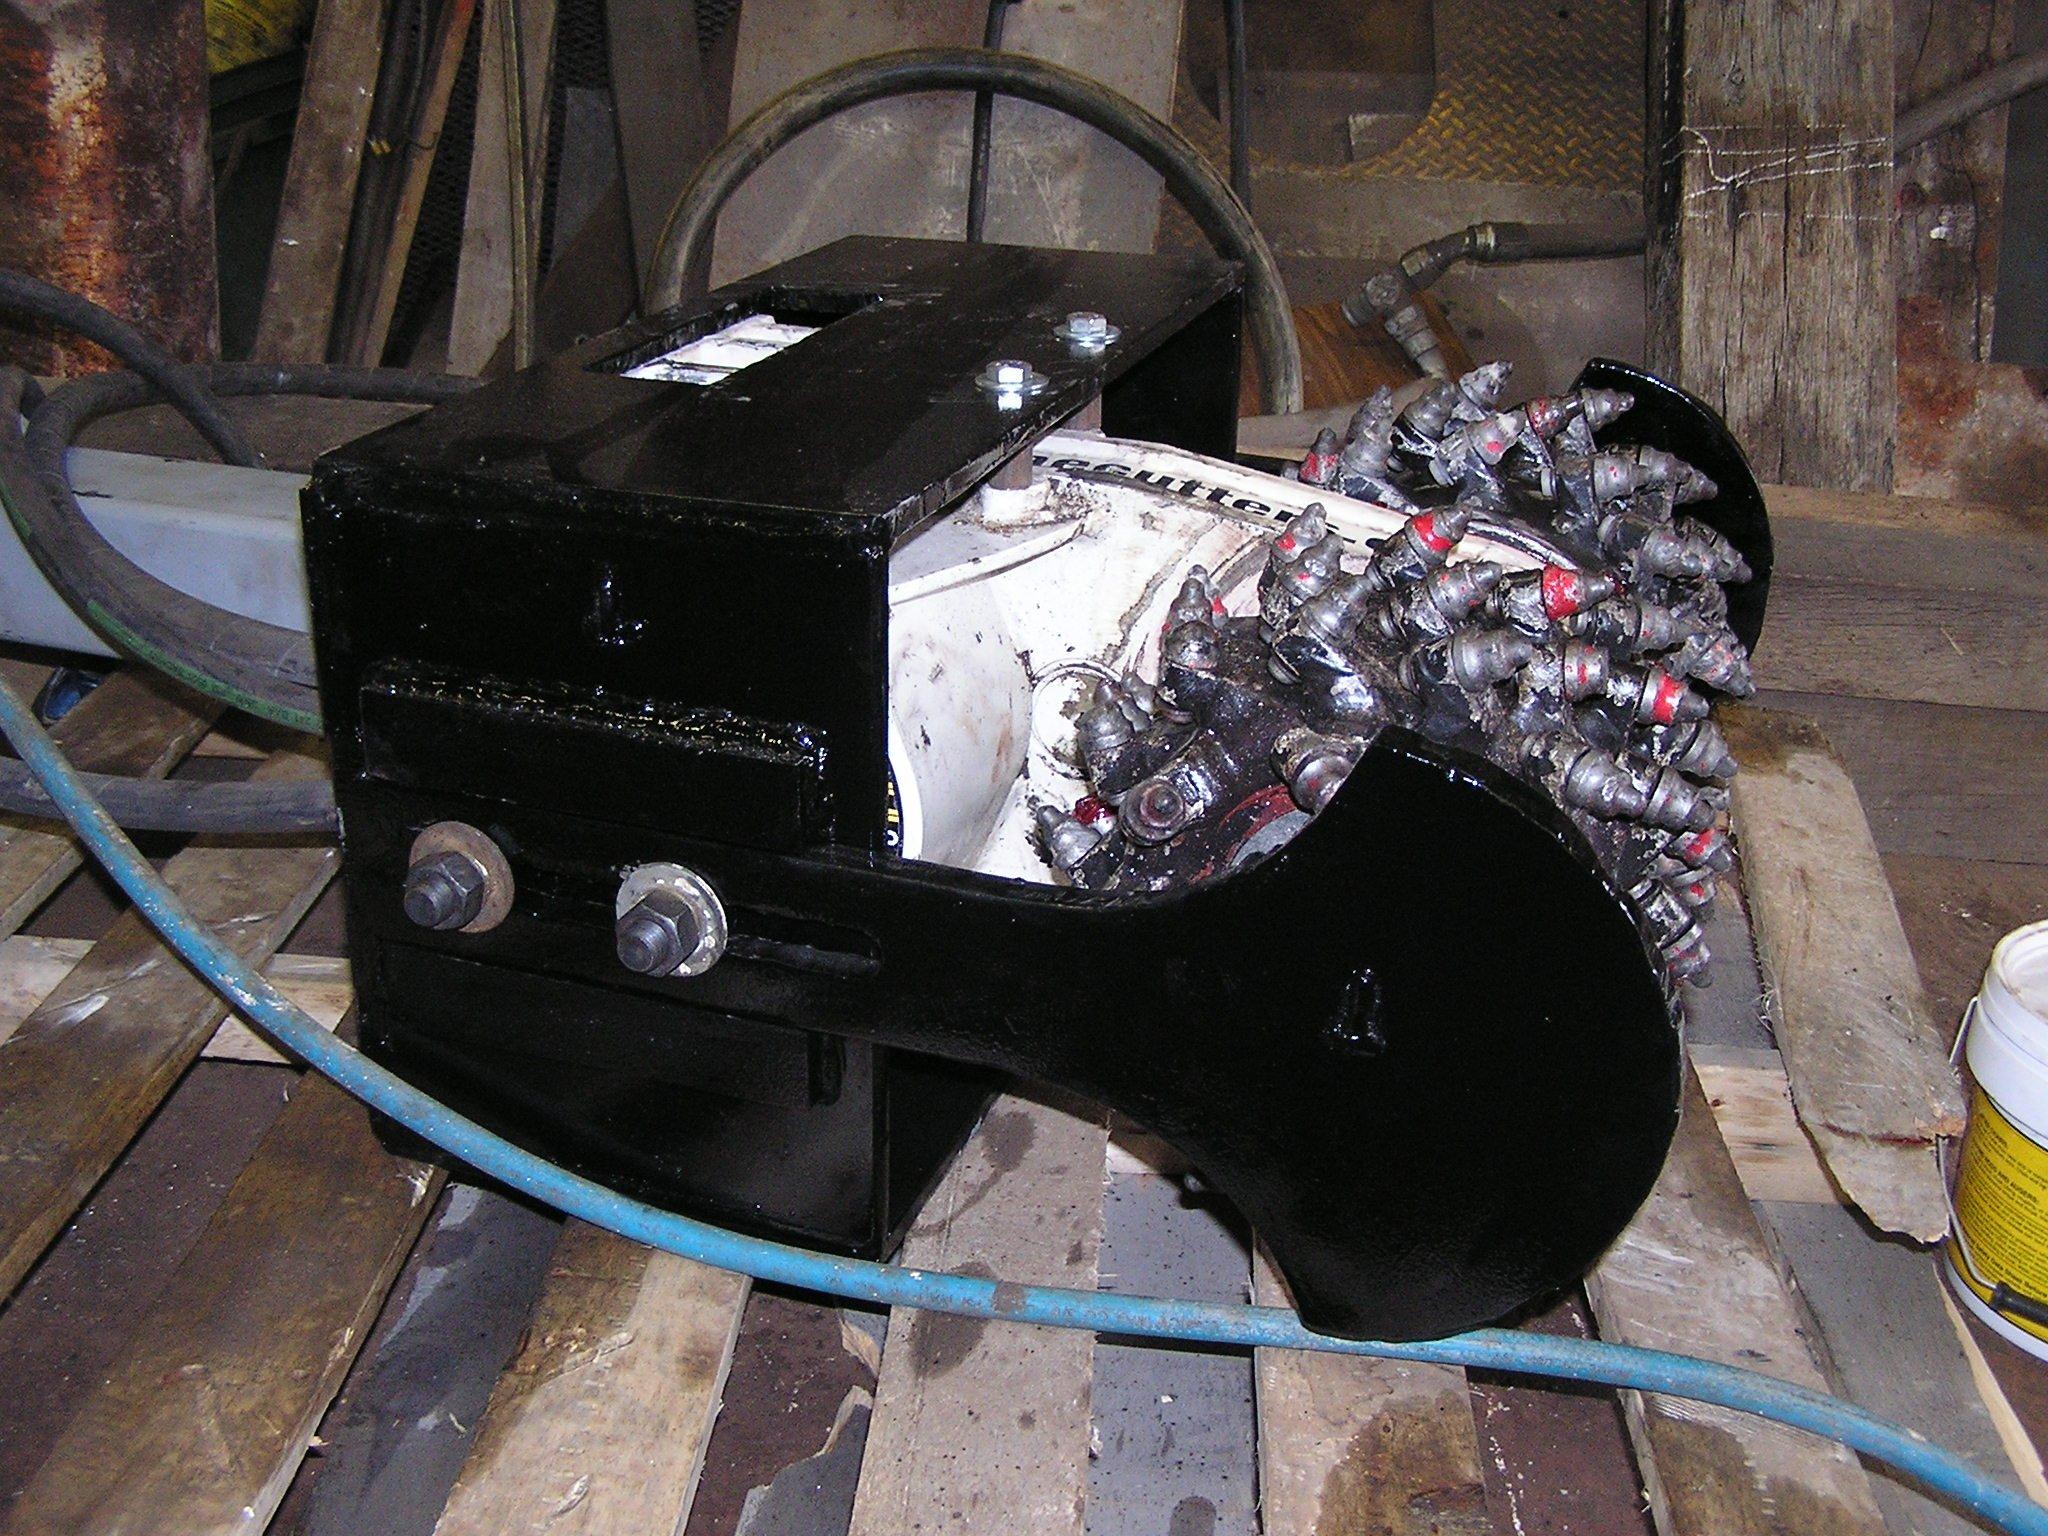 Alpine Cutterhead with adjustable depth control device